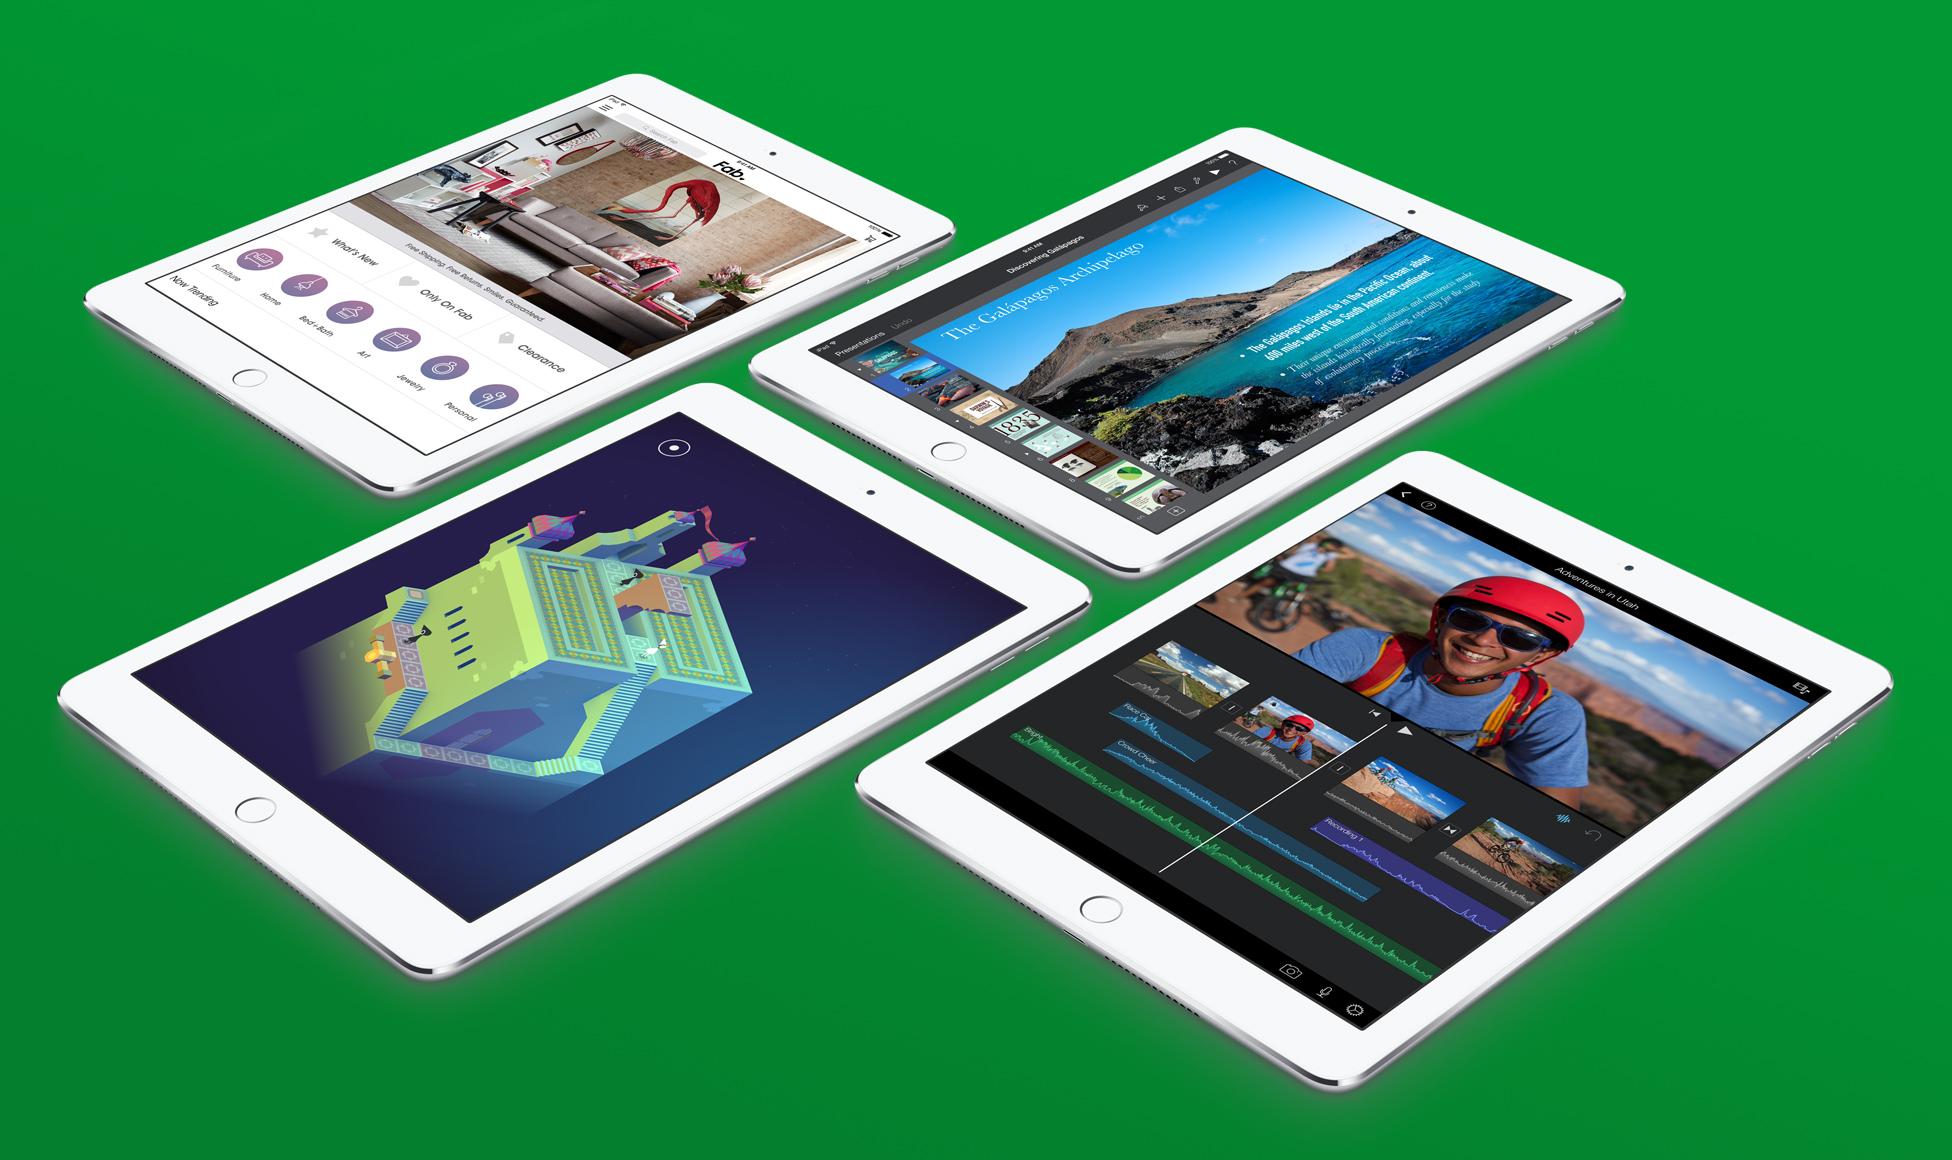 Nuovo iPad Air 2, iPad Mini 3, MacMini e iMac Retina 5K